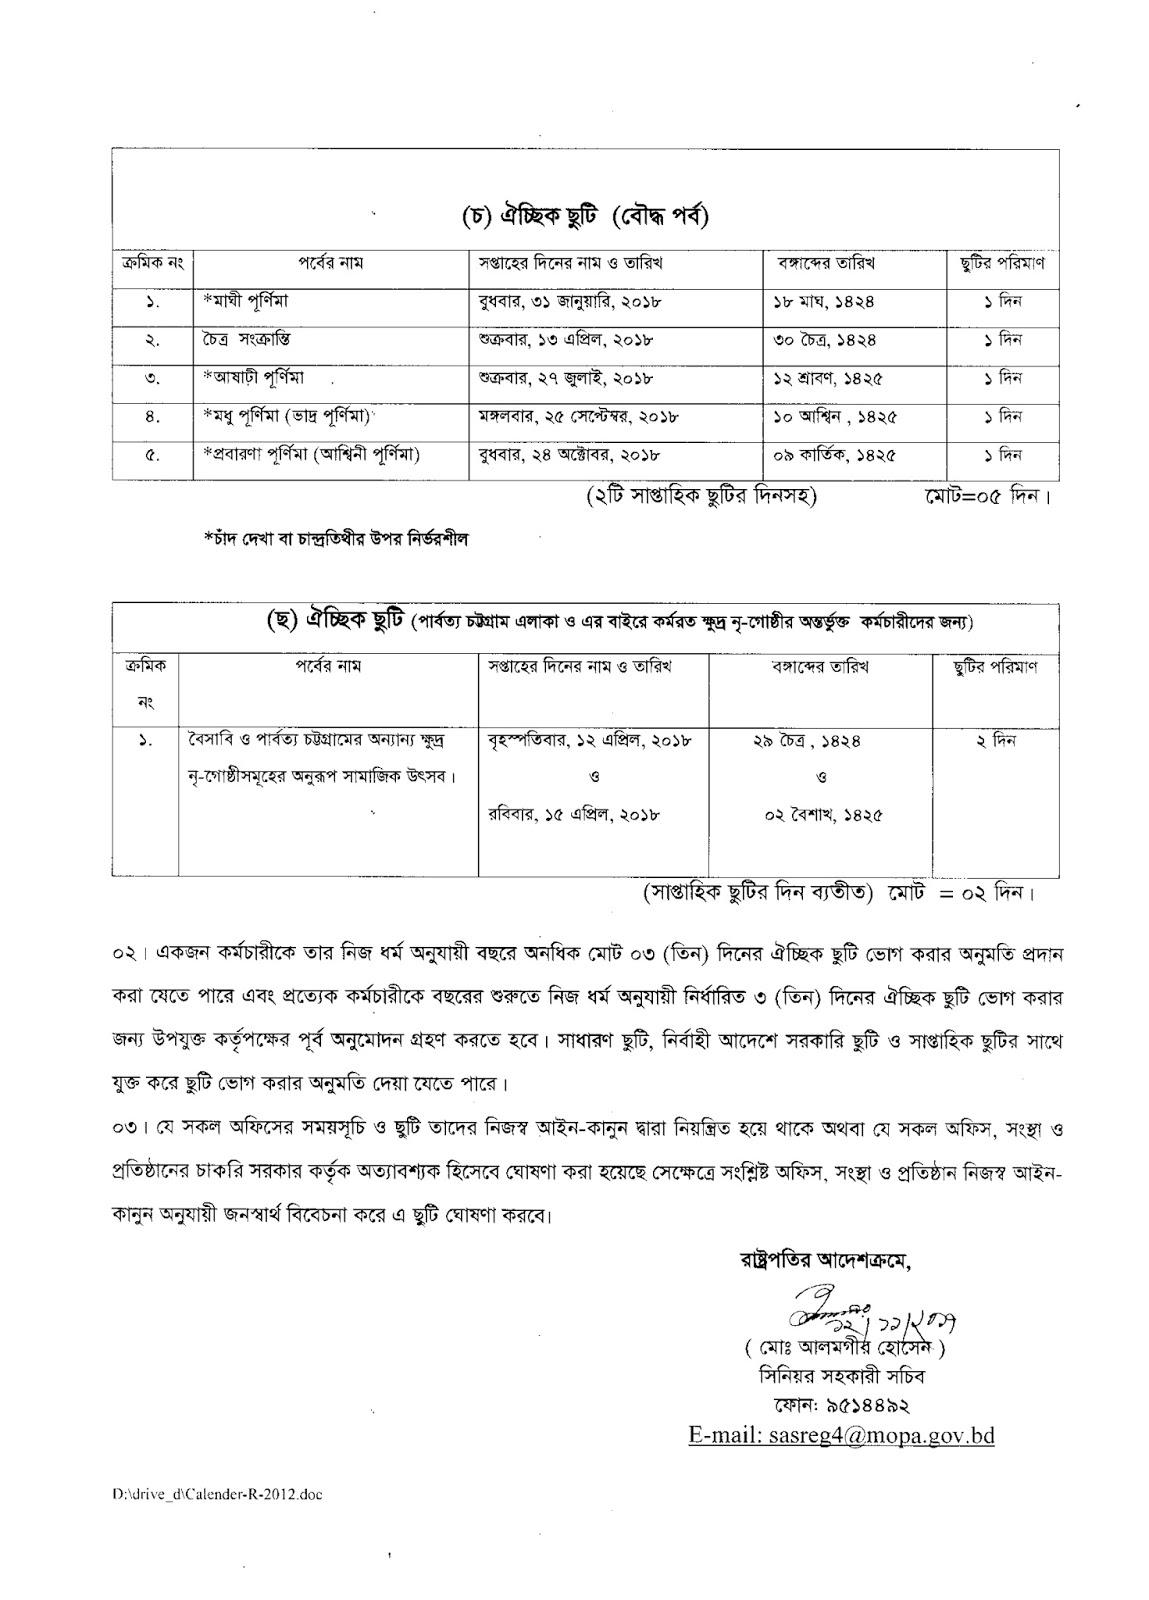 Bangladesh Government holidays list 2018